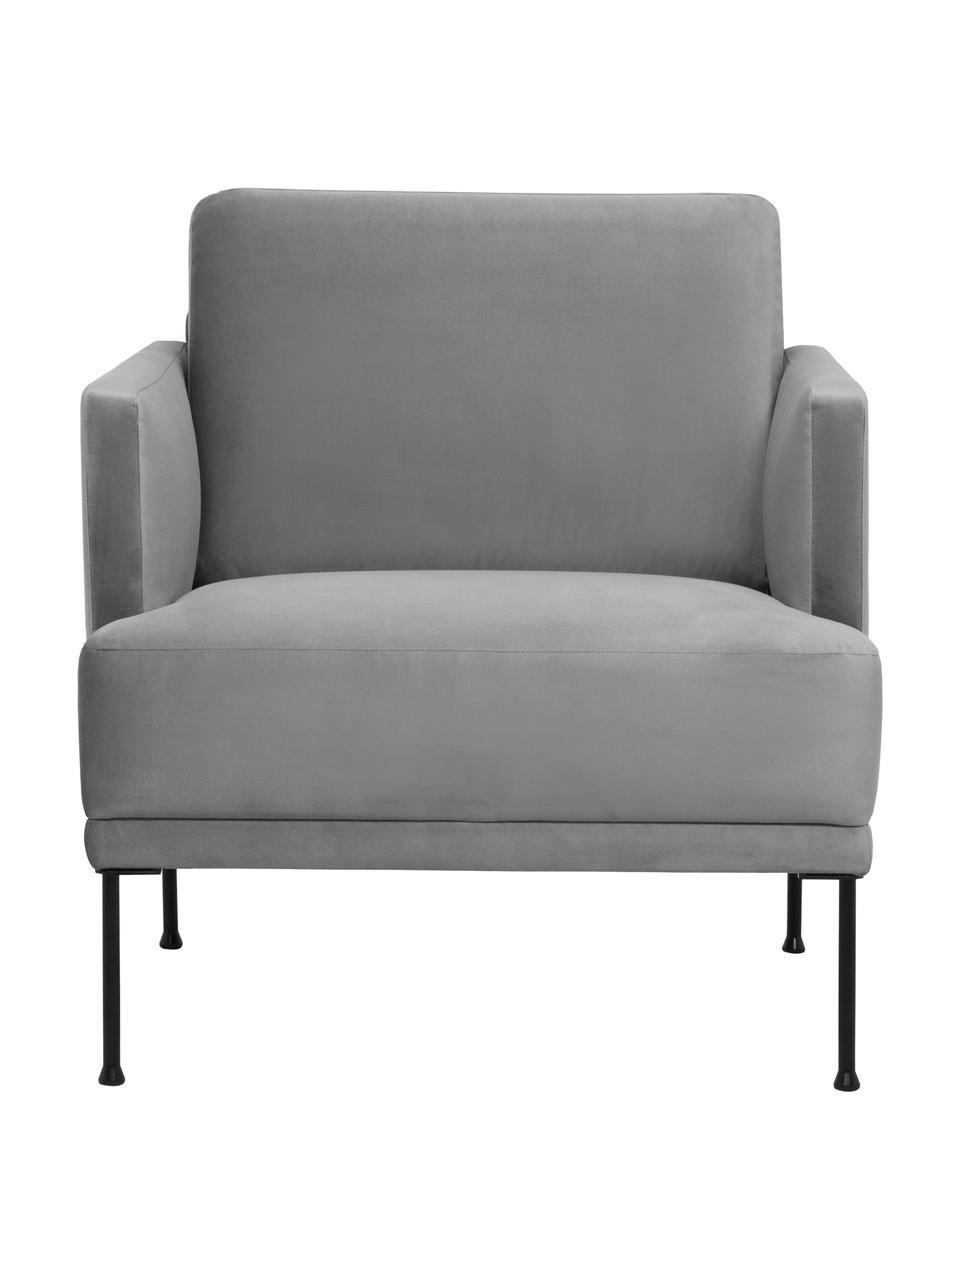 Fluwelen fauteuil Fluente in lichtgrijs met metalen poten, Bekleding: fluweel (hoogwaardig poly, Frame: massief grenenhout, Poten: gepoedercoat metaal, Fluweel lichtgrijs, B 74 x D 85 cm